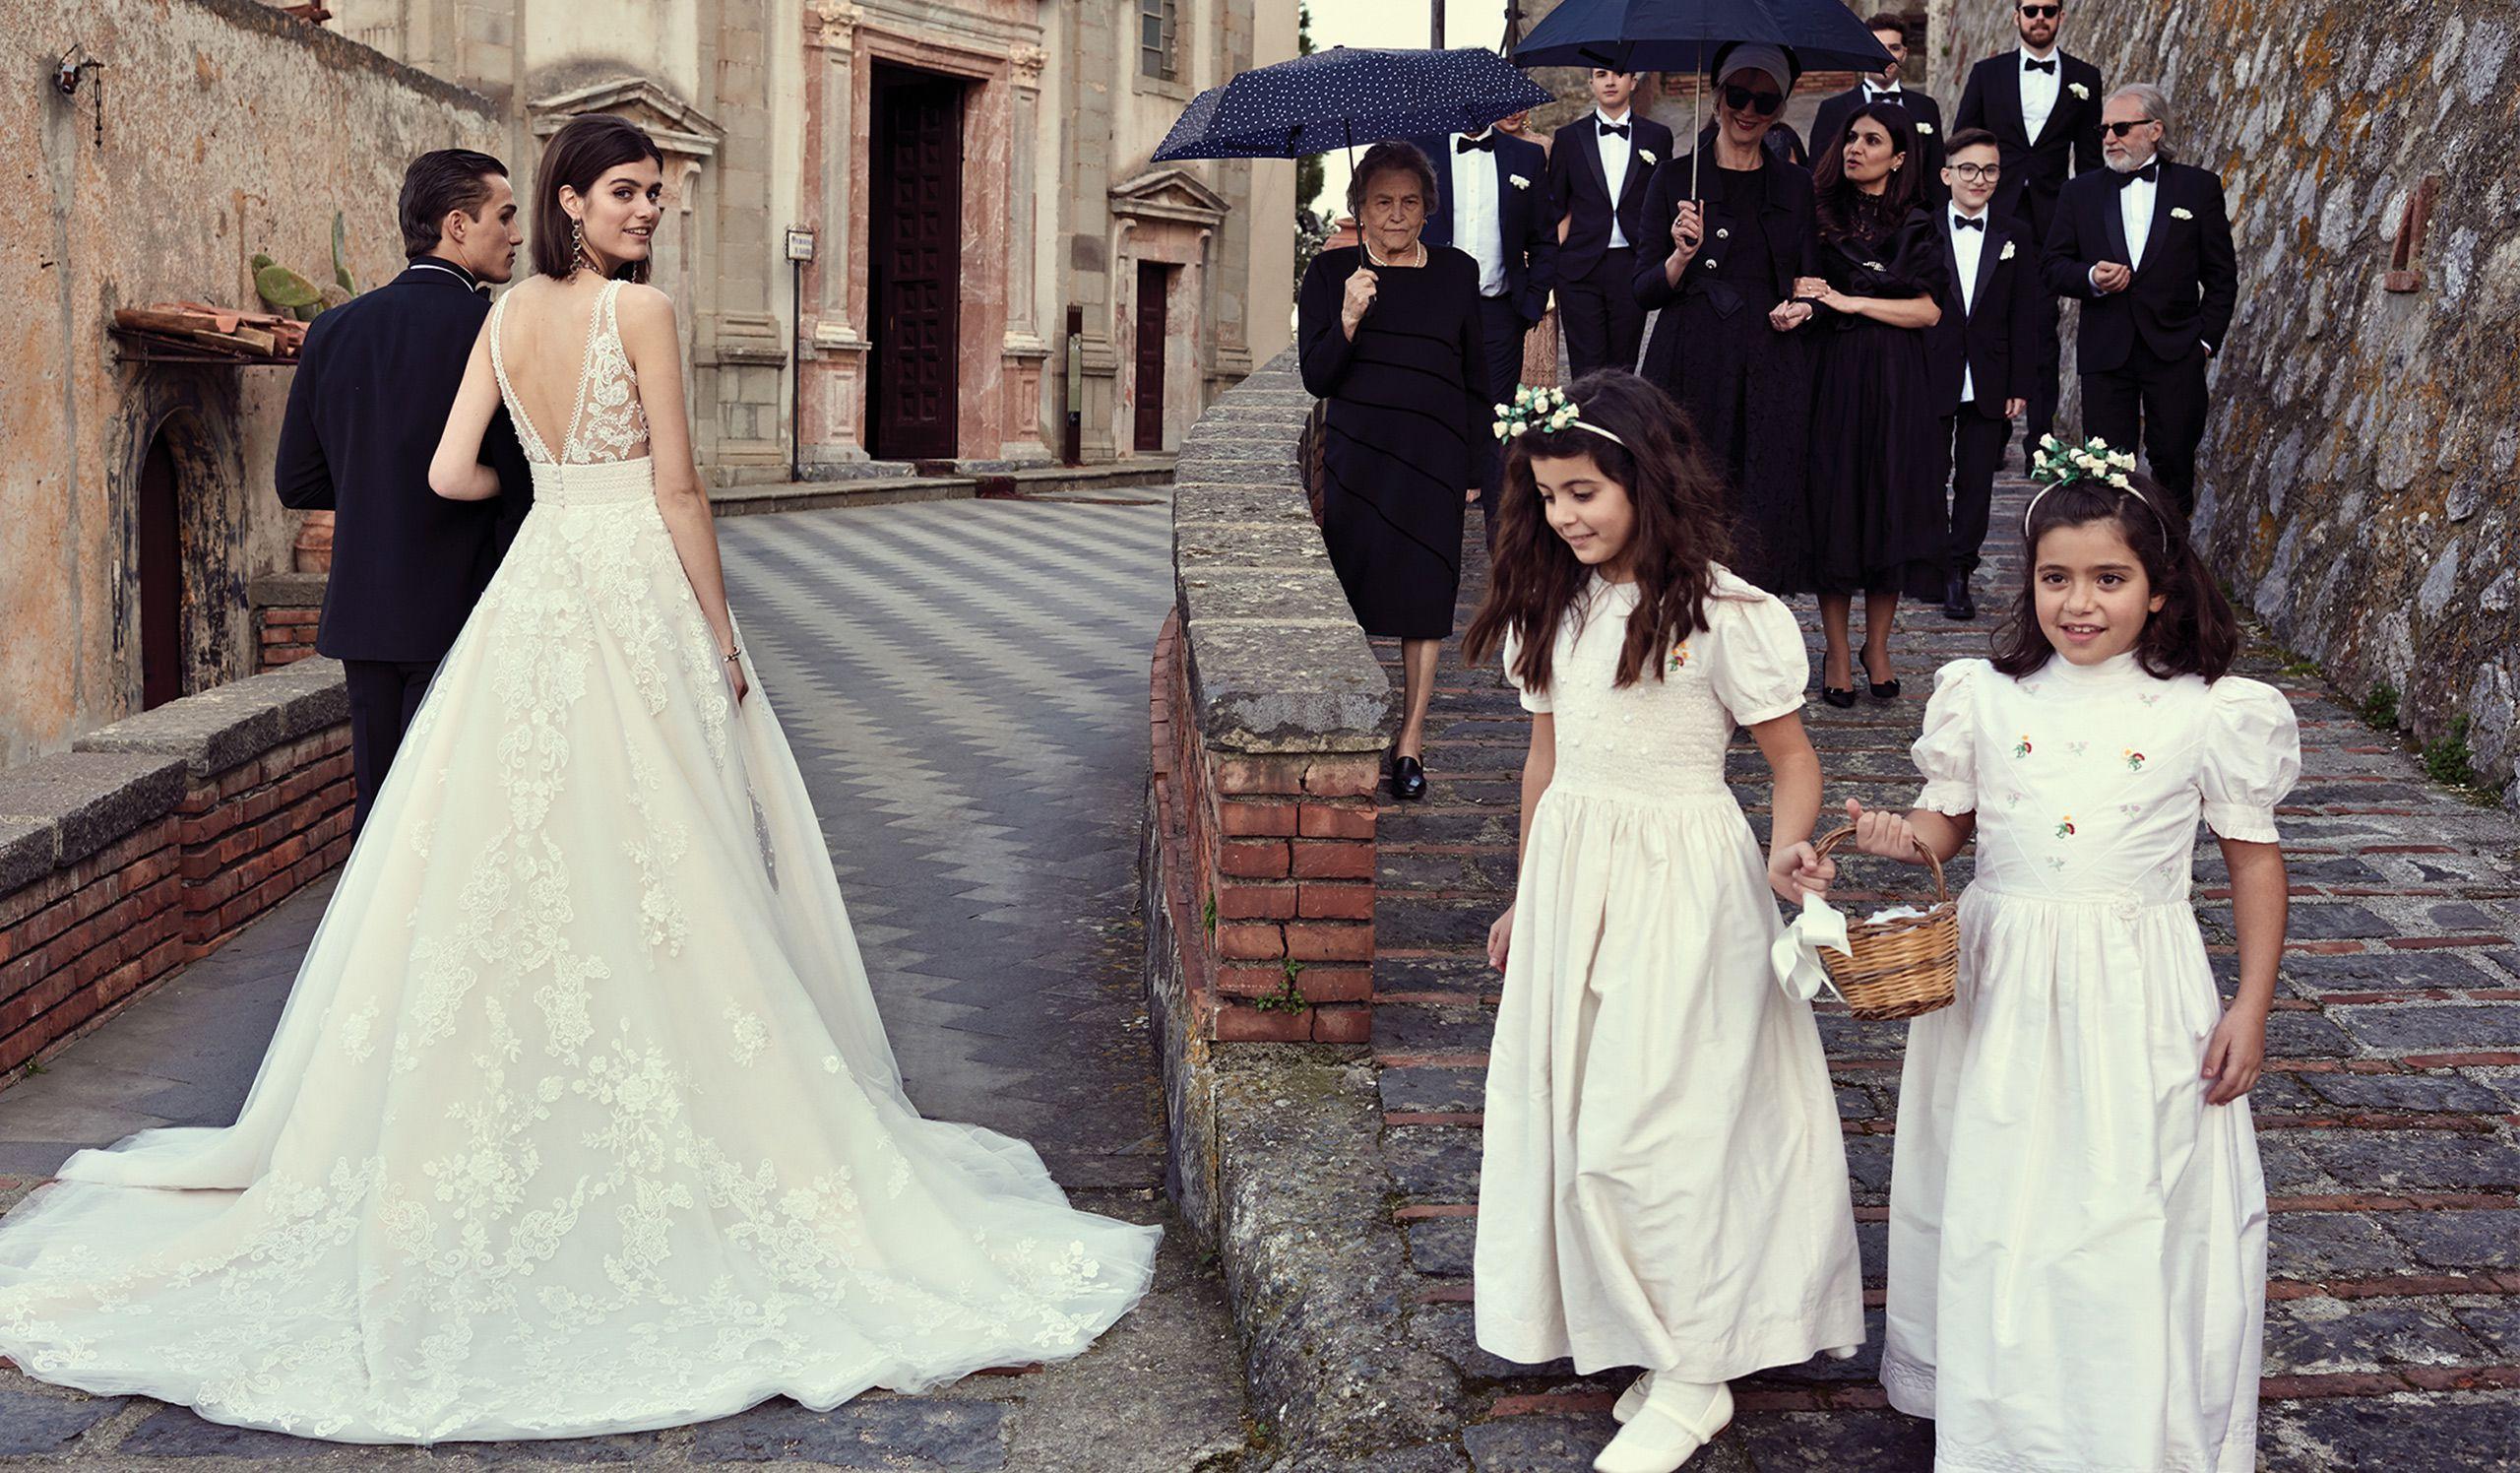 Elegant and Sophisticated Wedding Dresses | Justin Alexander